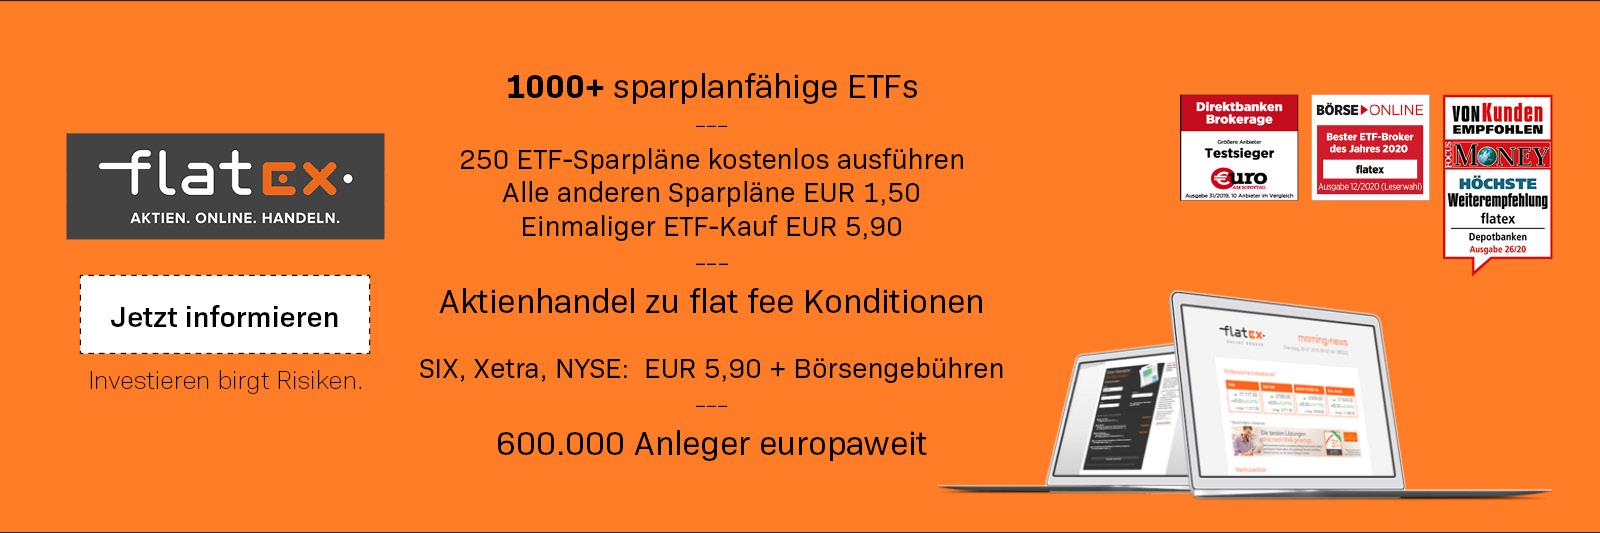 flatex Schweiz Broker